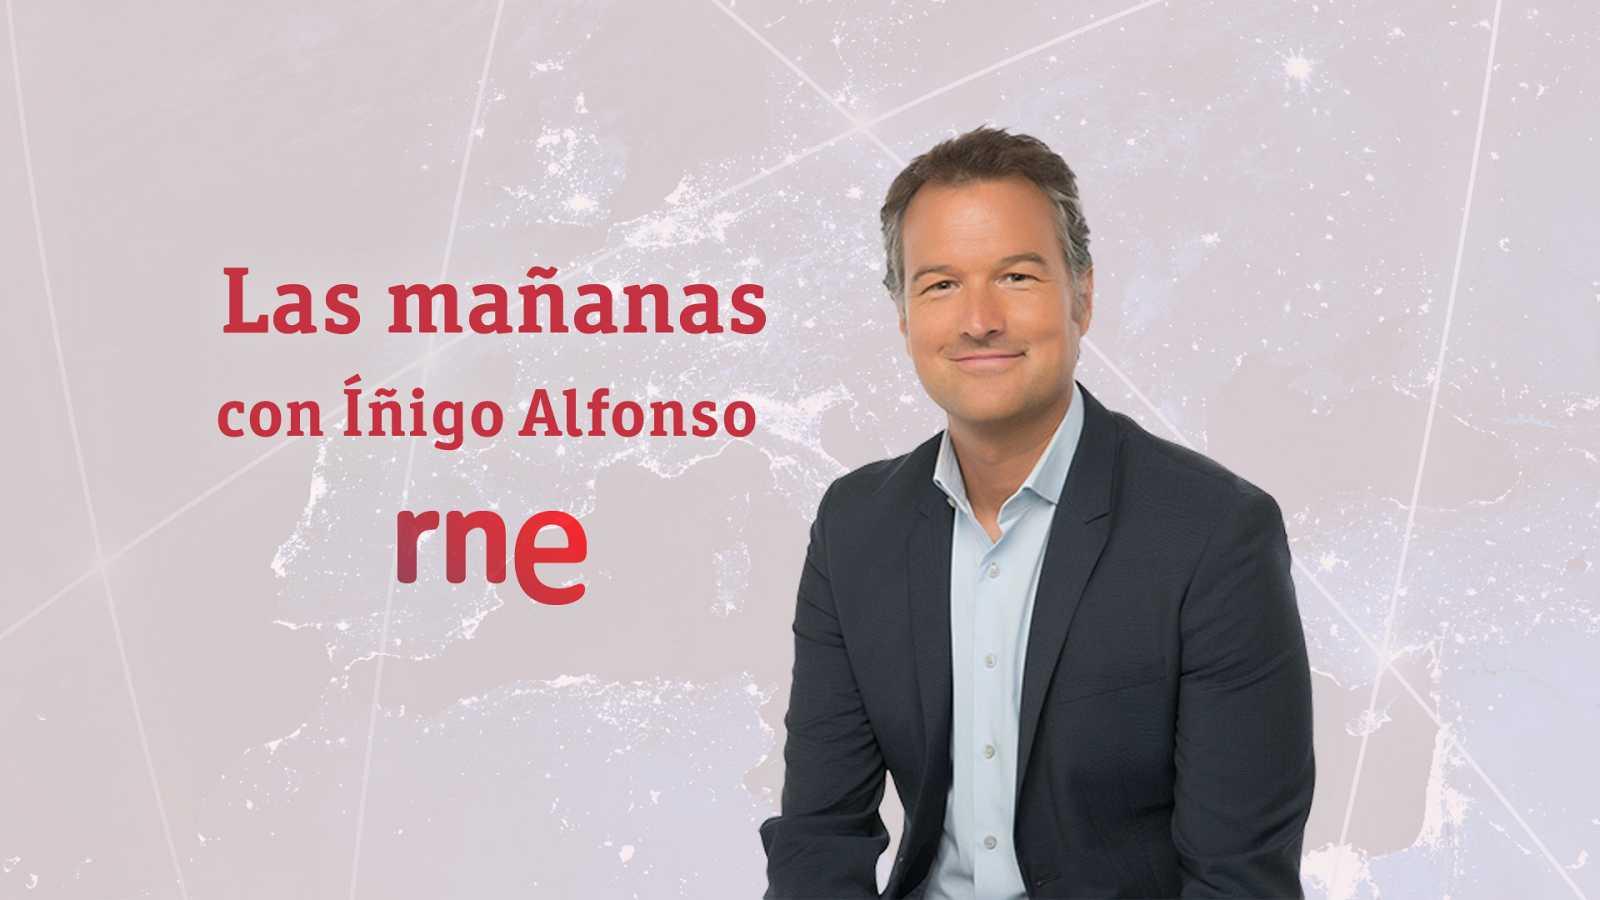 Las mañanas de RNE con Íñigo Alfonso - Primera hora - 01/04/20 - escuchar ahora